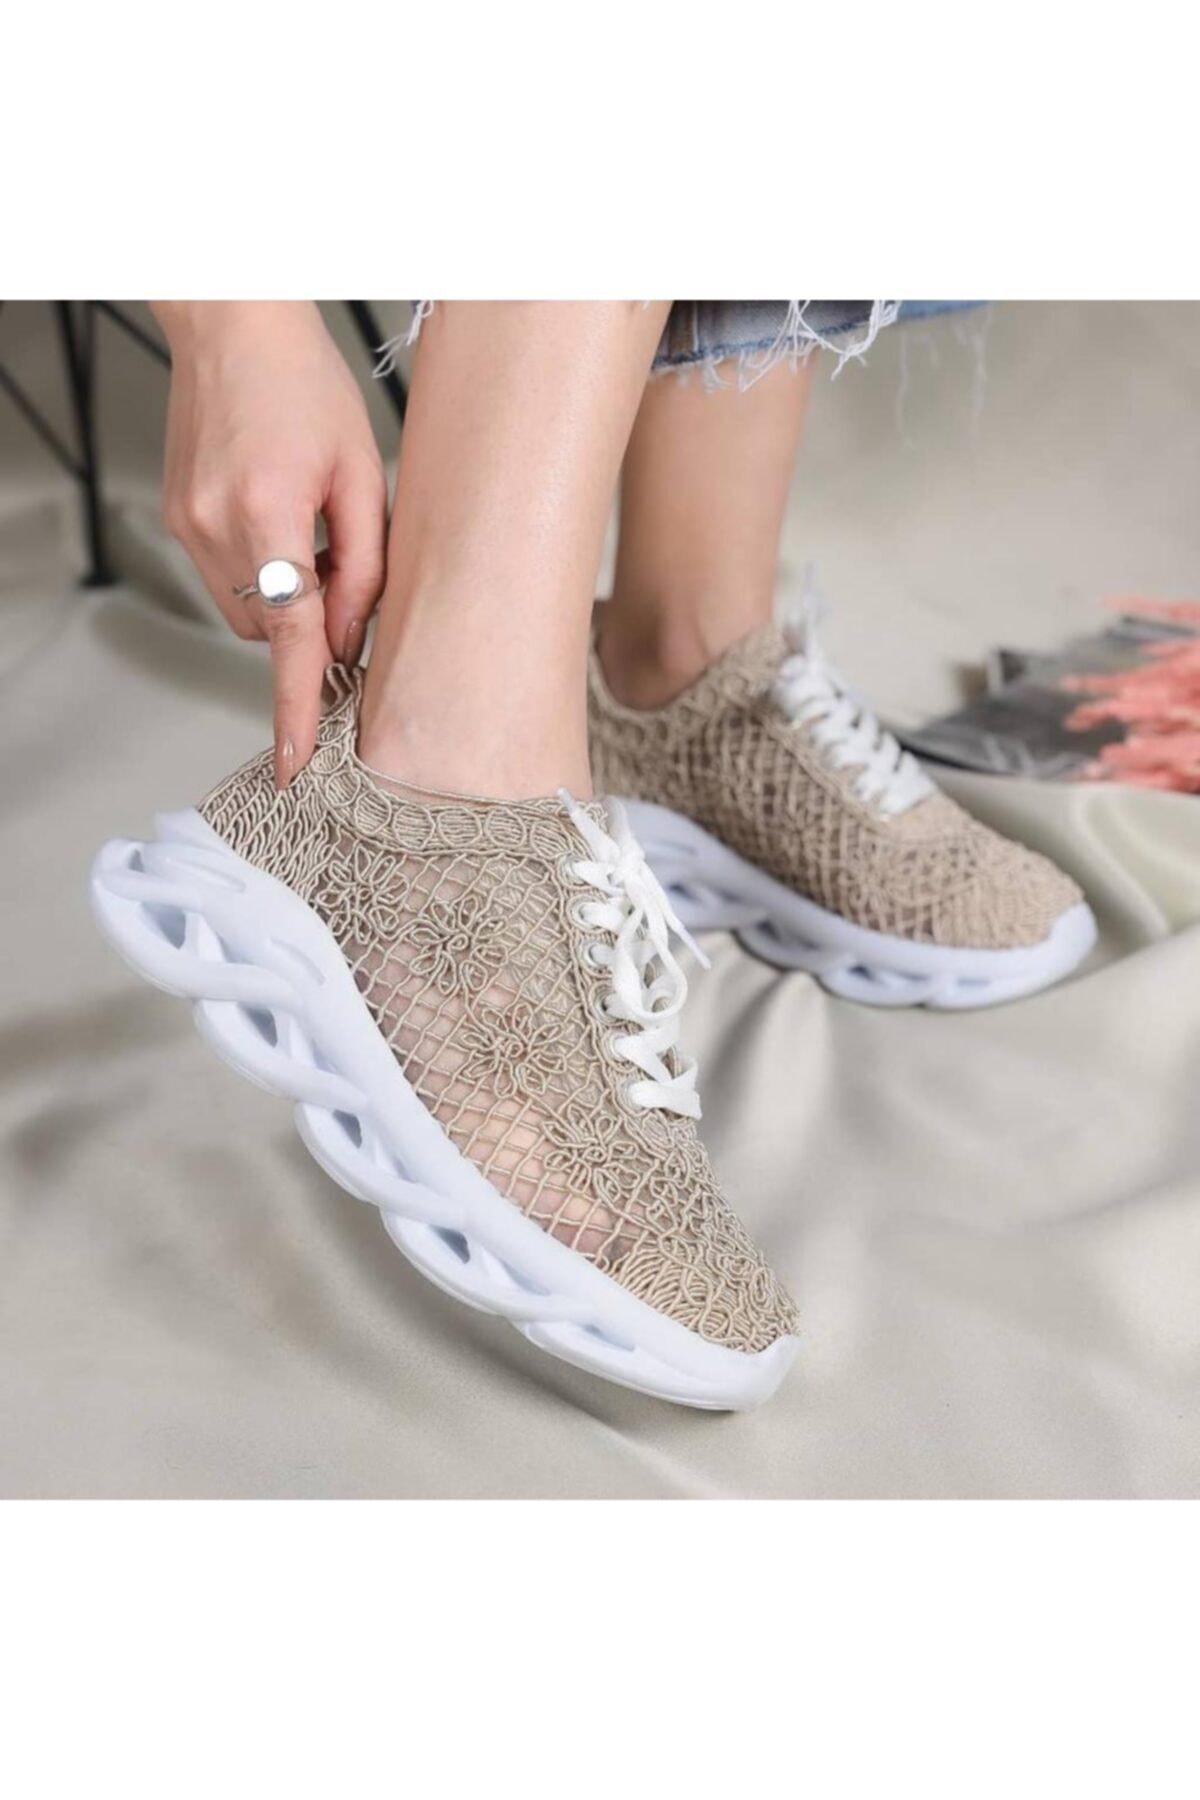 Beyond Kadın Bej Dantelli Bağcıklı Yumuşak Ortopedik Taban Sneaker 1